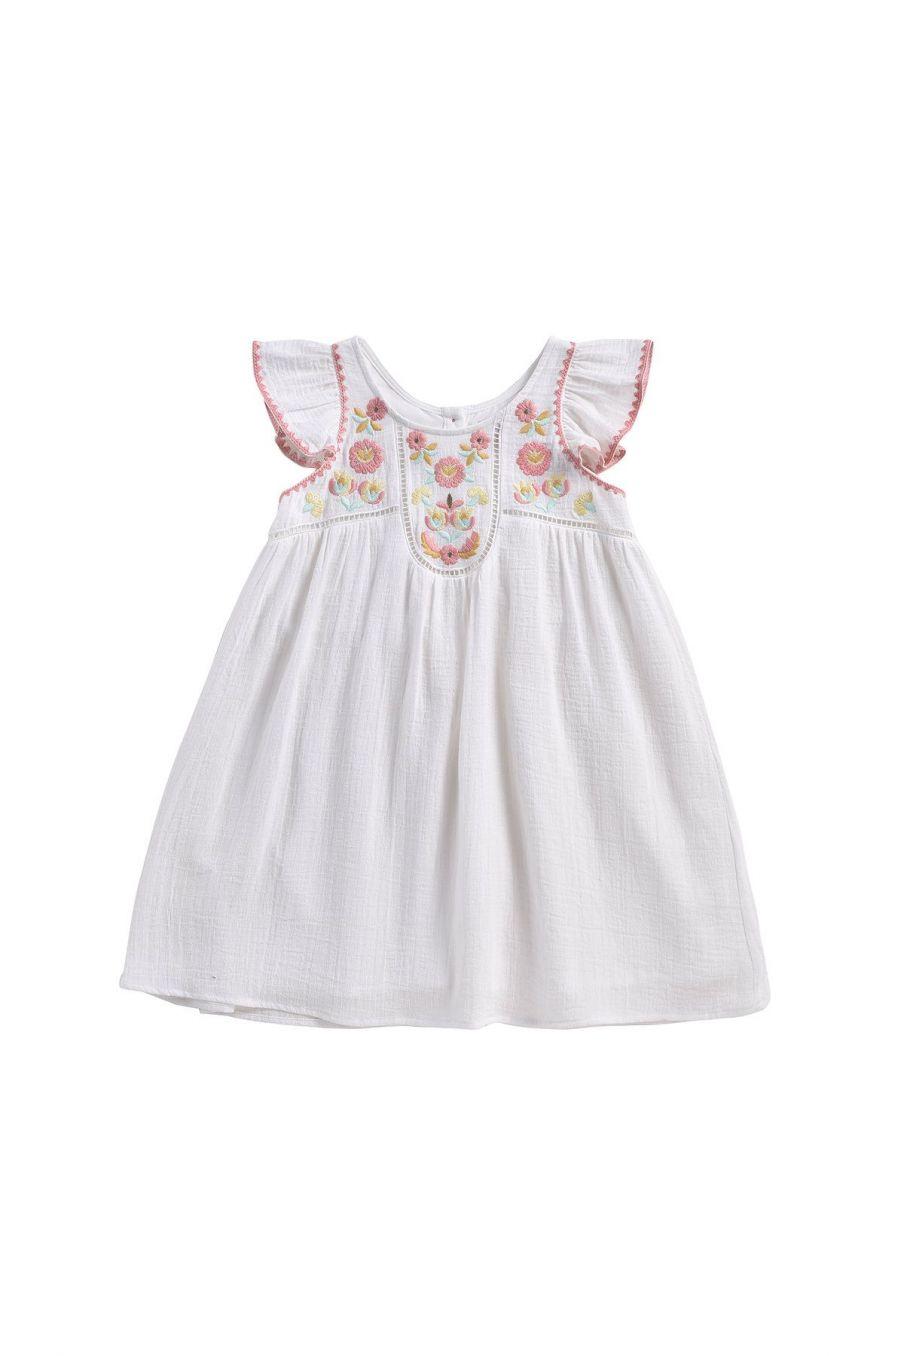 boheme chic vintage robe fille jendahiu ecru